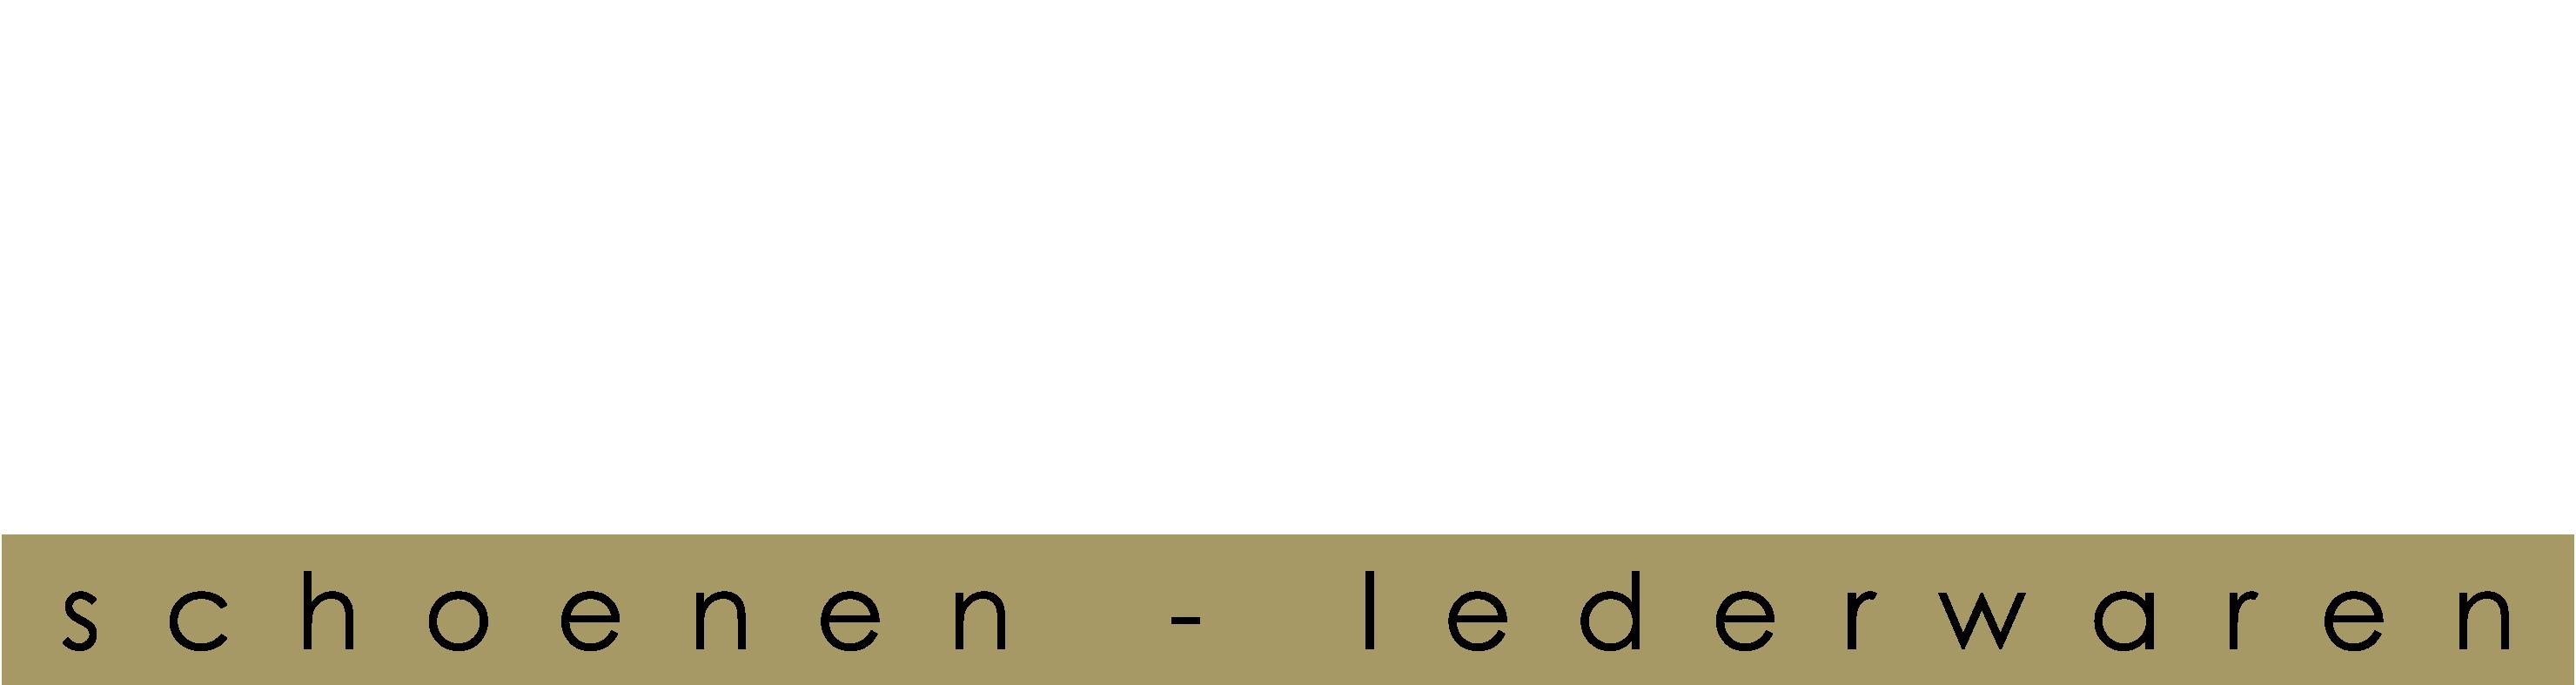 Van Hoye | Schoenen en lederwaren logo